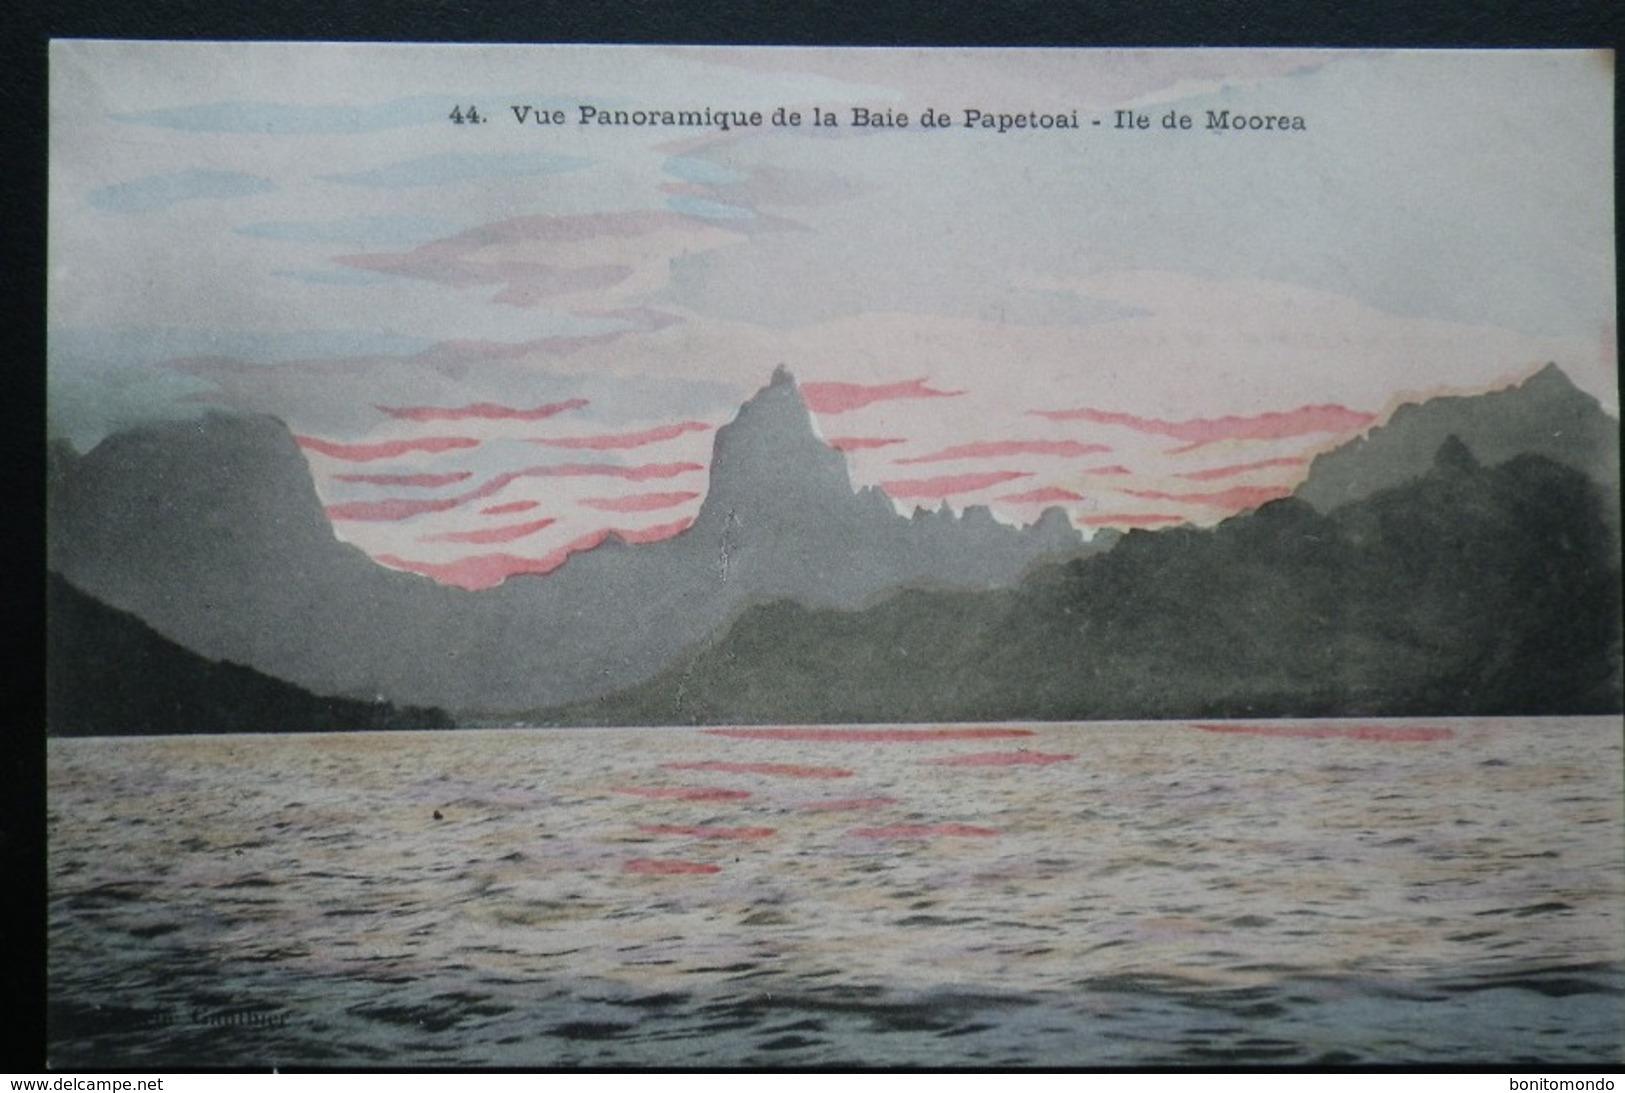 Tahiti Postcard. 44. Vue Panoramique De La Baie De Papetoai, Ile De Moorea - Tahiti